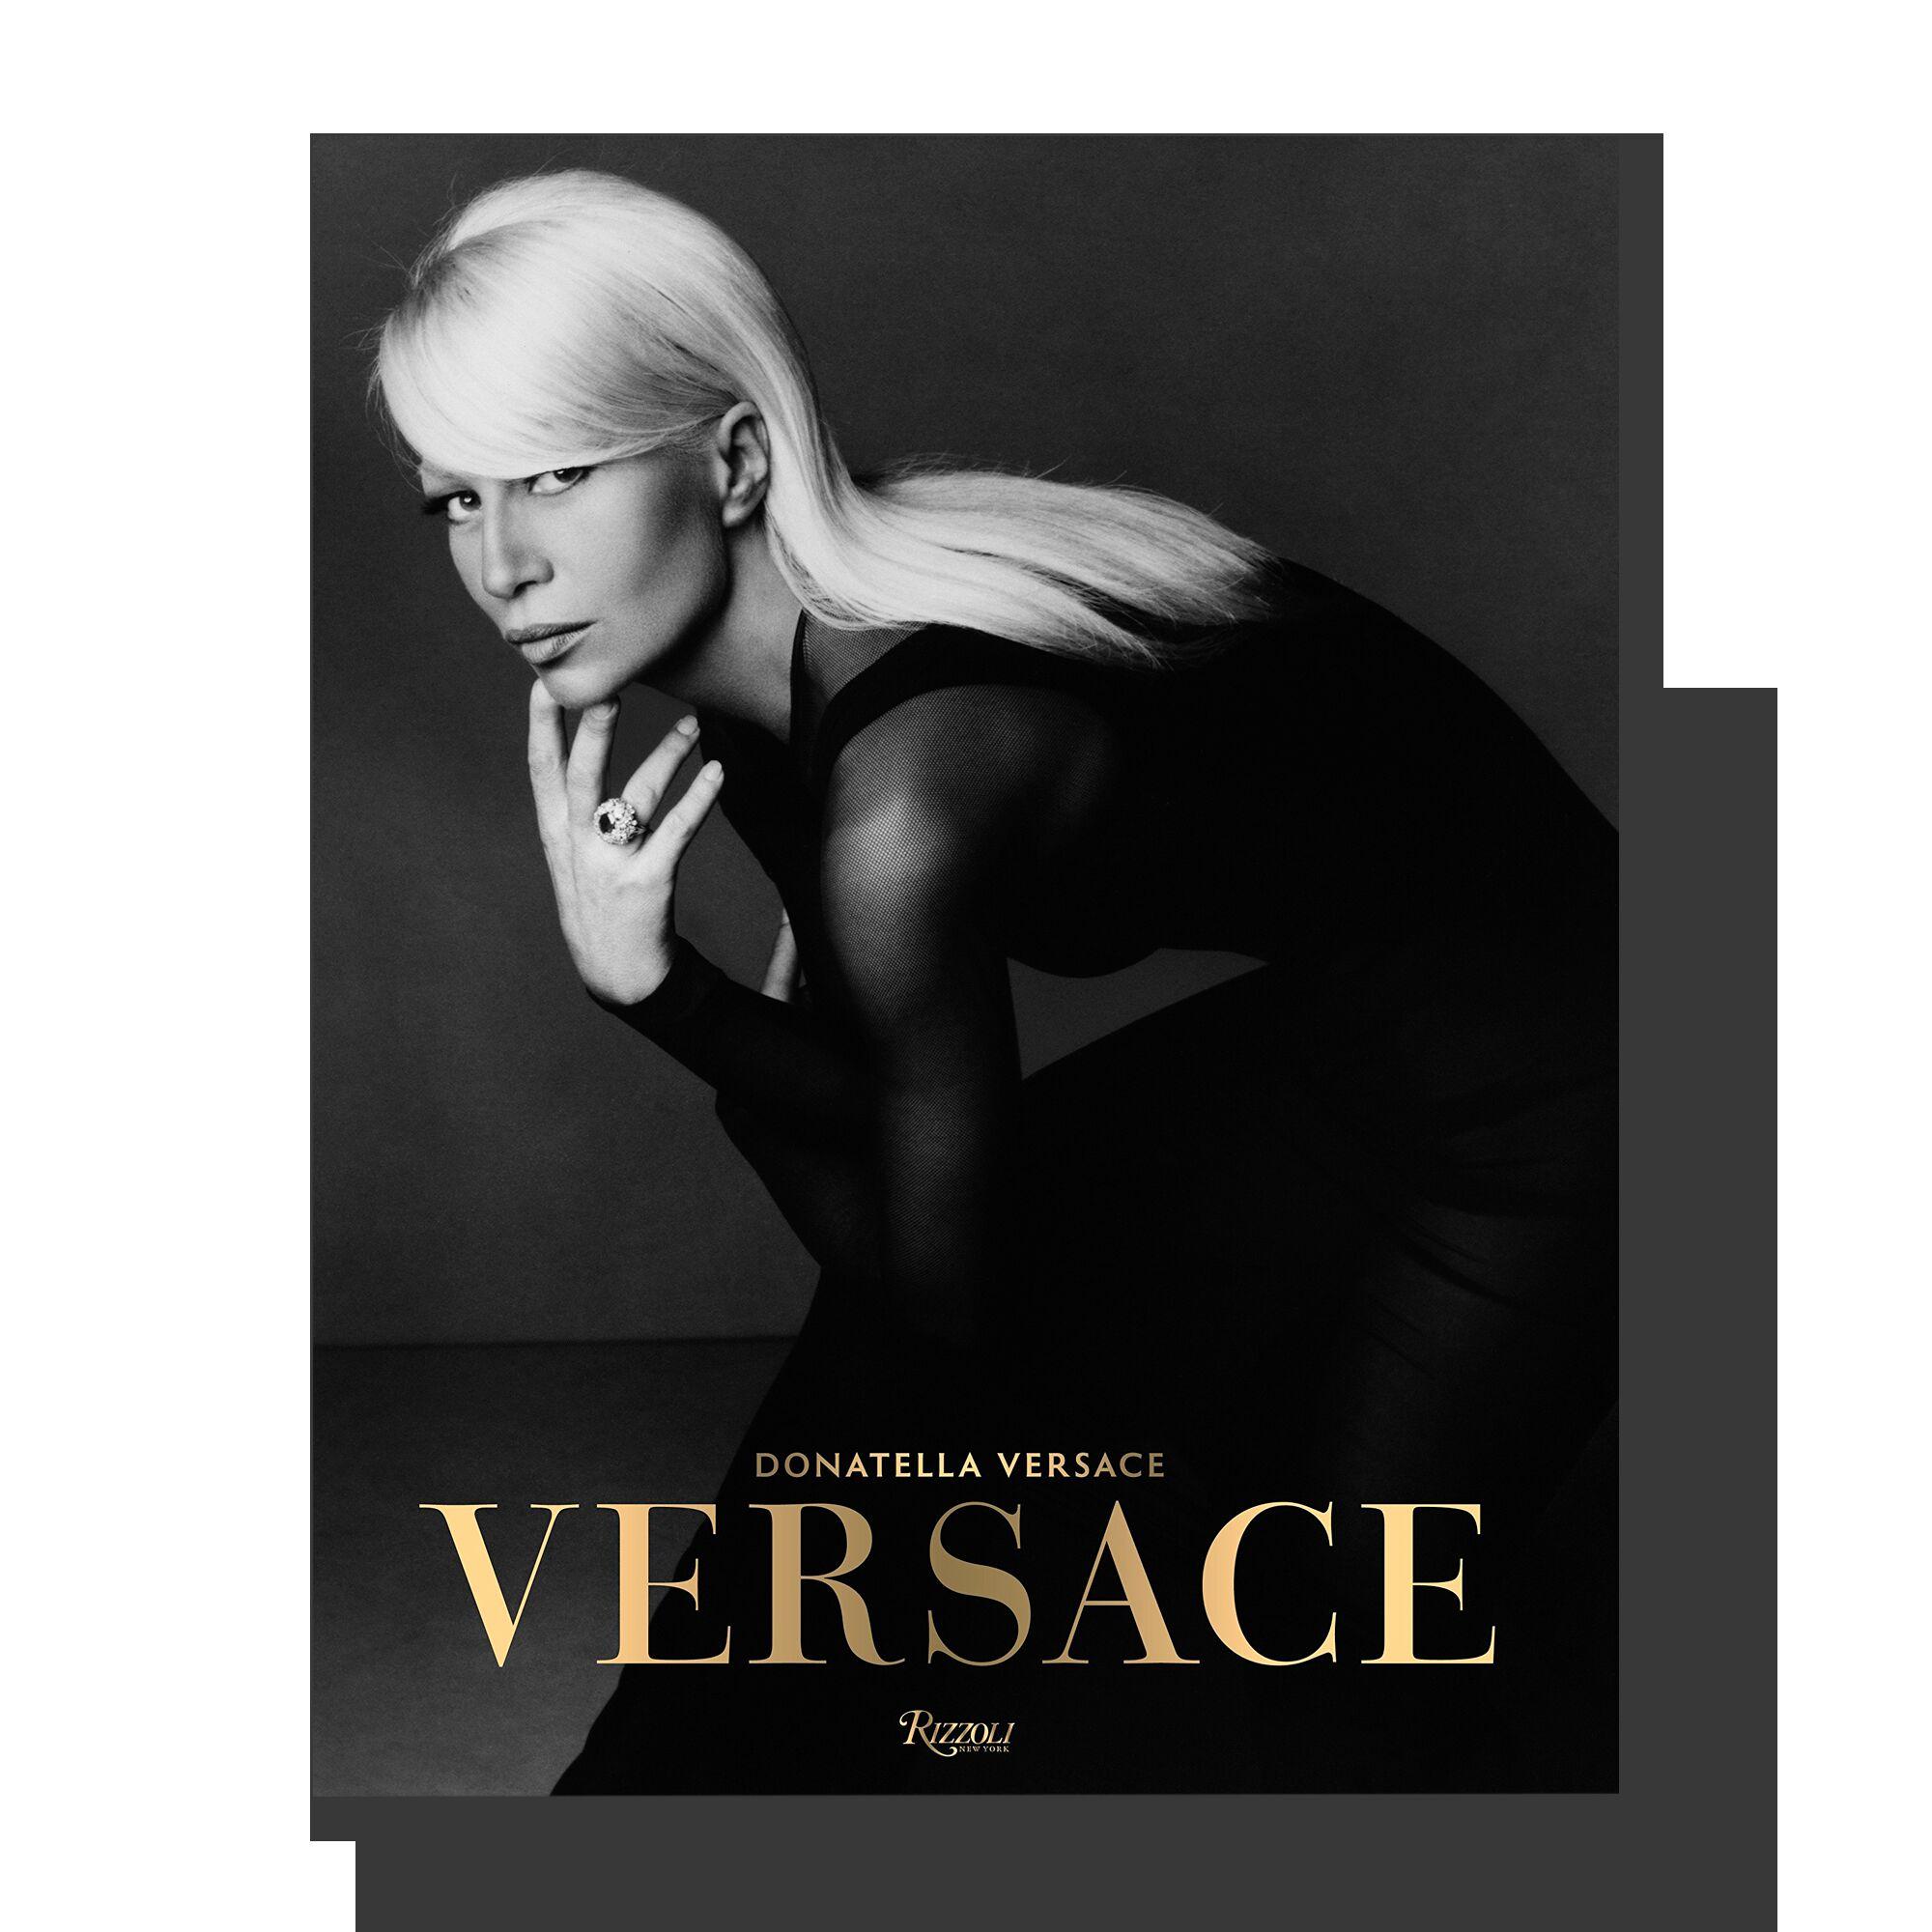 Versace: Donatella Versace